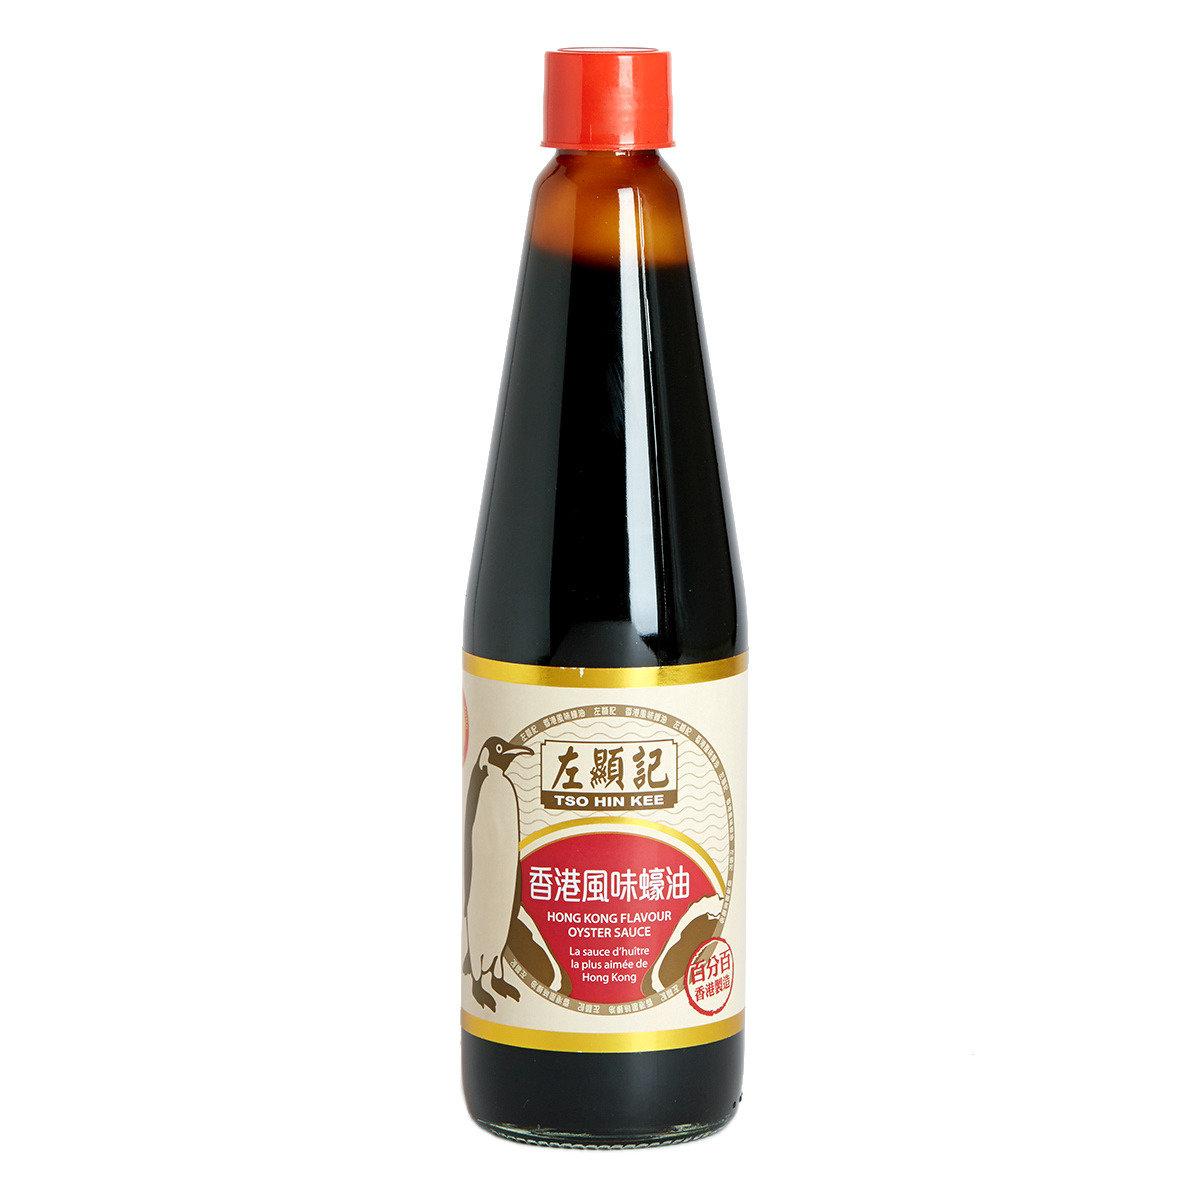 香港風味蠔油